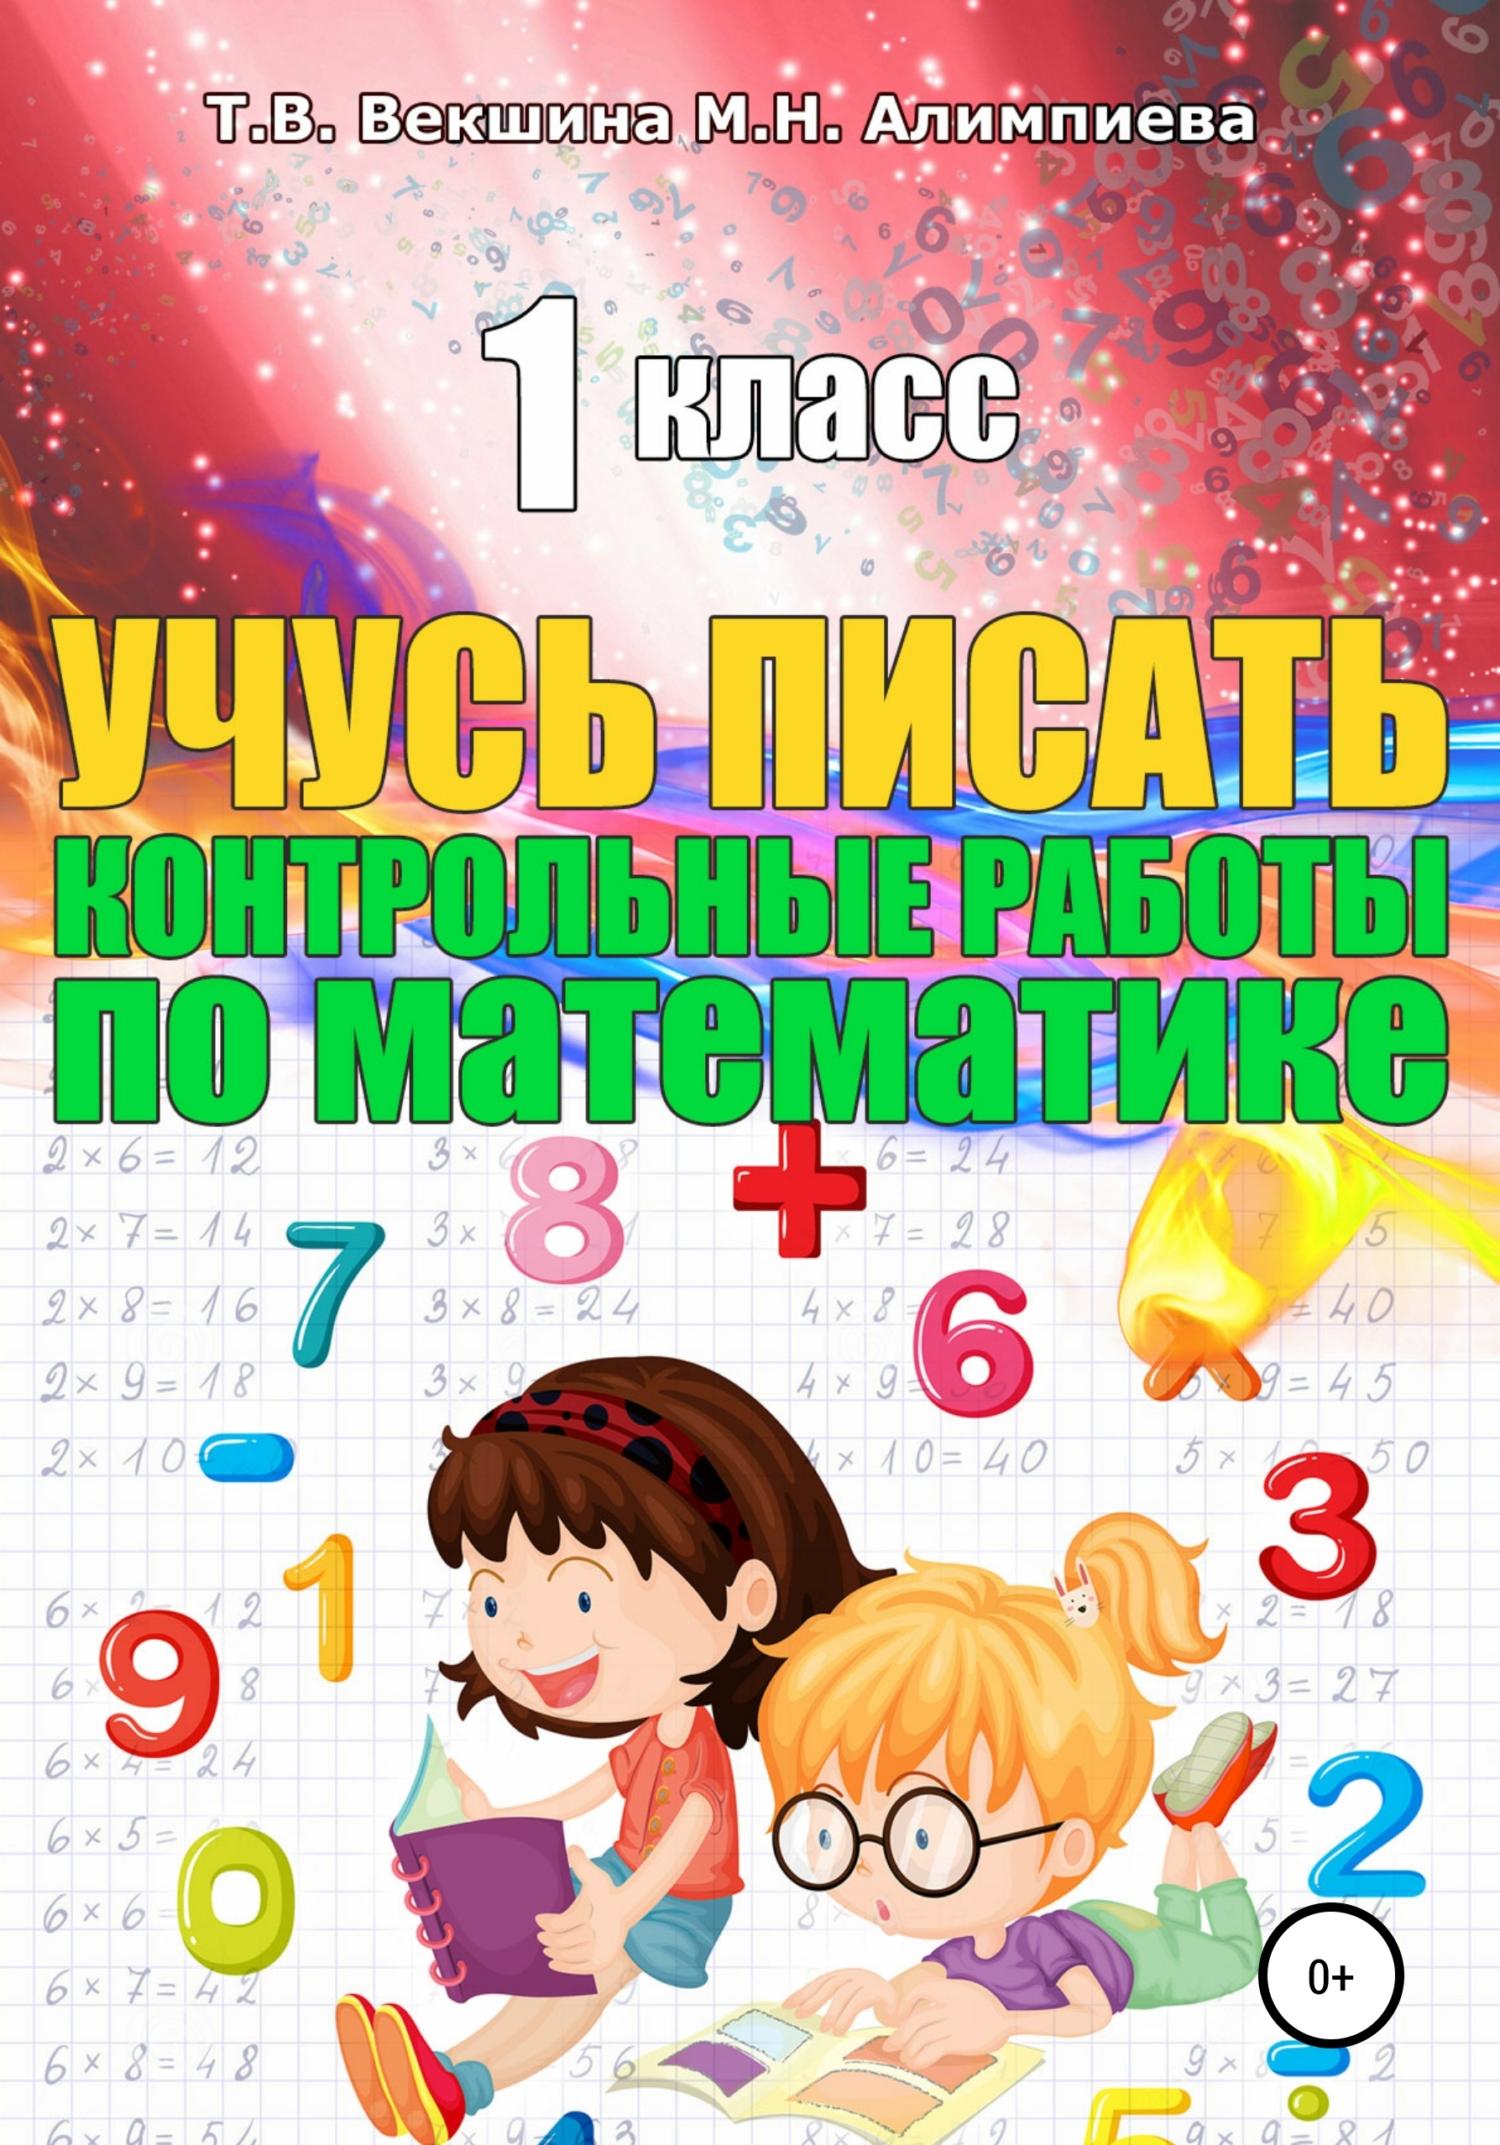 Купить книгу Учусь писать контрольные работы по математике. 1класс, автора Татьяны Владимировны Векшиной